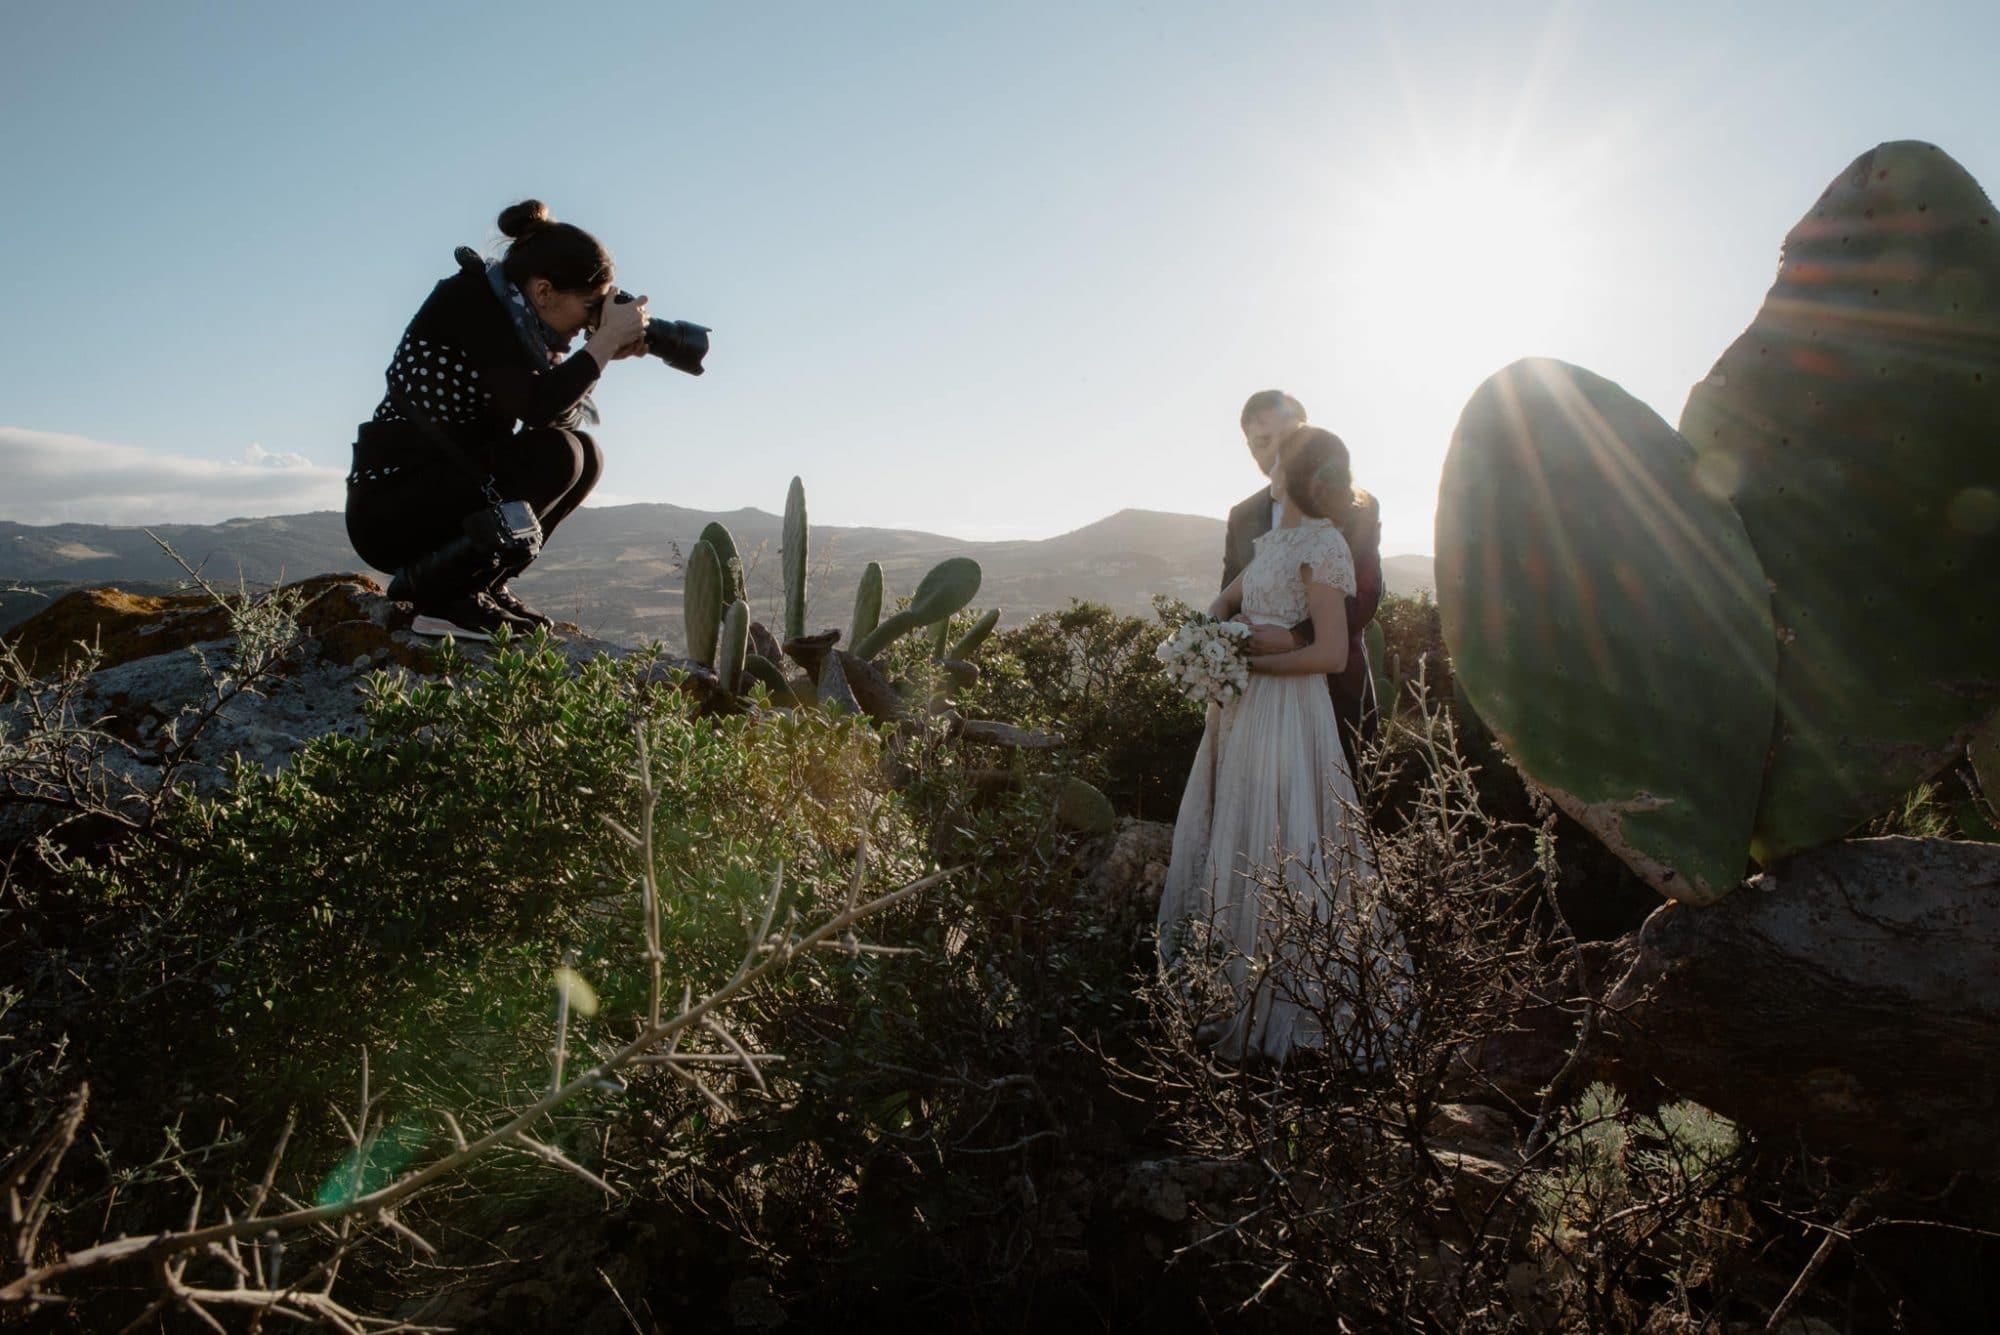 Sardinia photographer